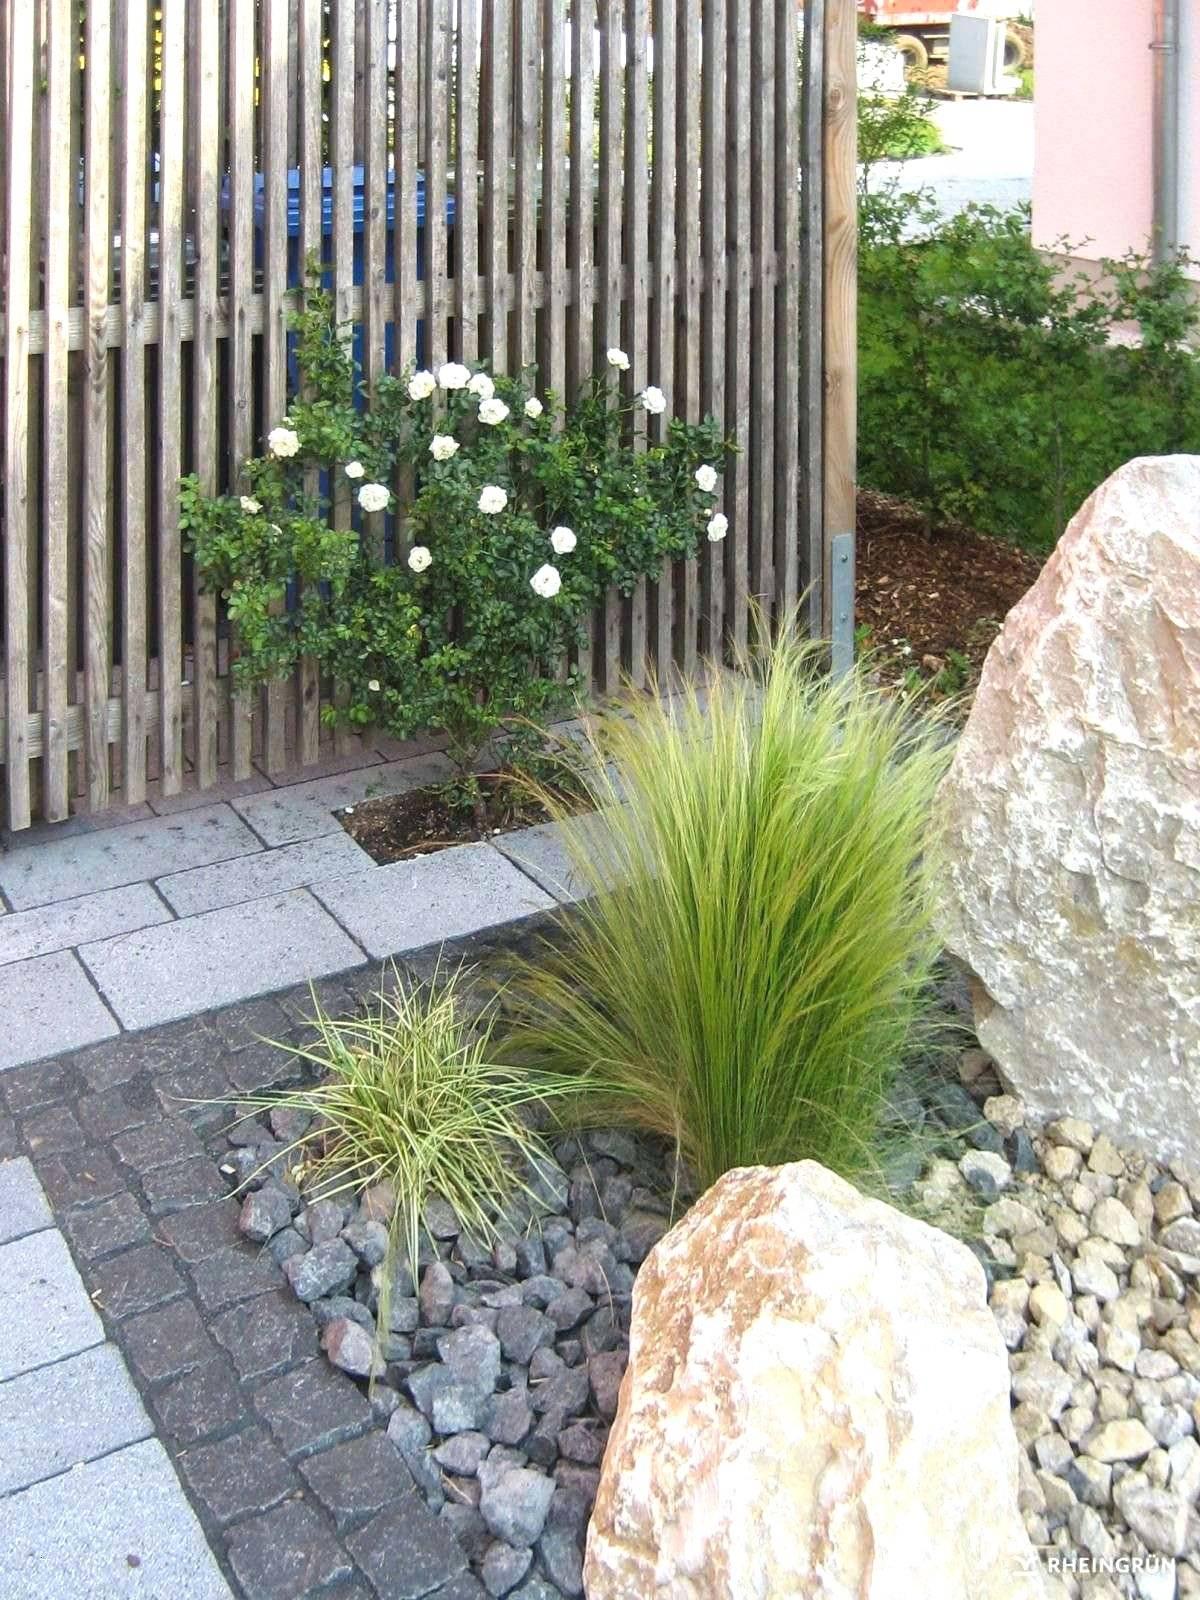 pflanzen wohnzimmer ideen beautiful pflanzen garten schon fingerhut pflanze 0d inspiration von pflanzen of pflanzen wohnzimmer ideen